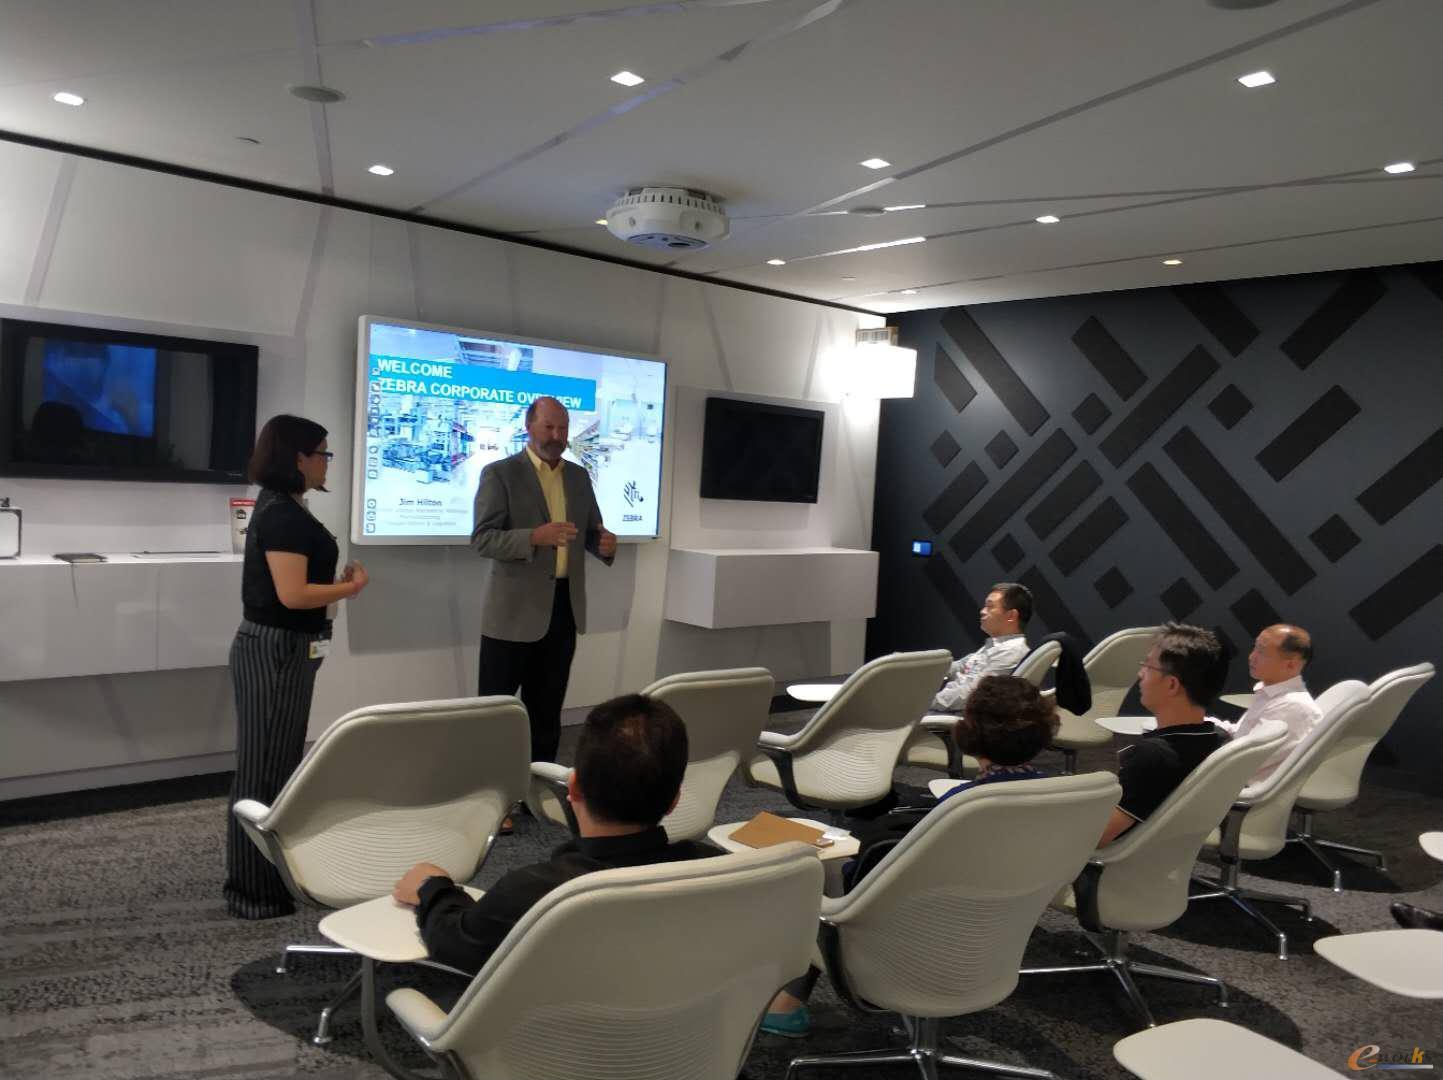 集团全球策略营销总监Jim Hilton和中国区公关经理肖琦慧接待了考察团